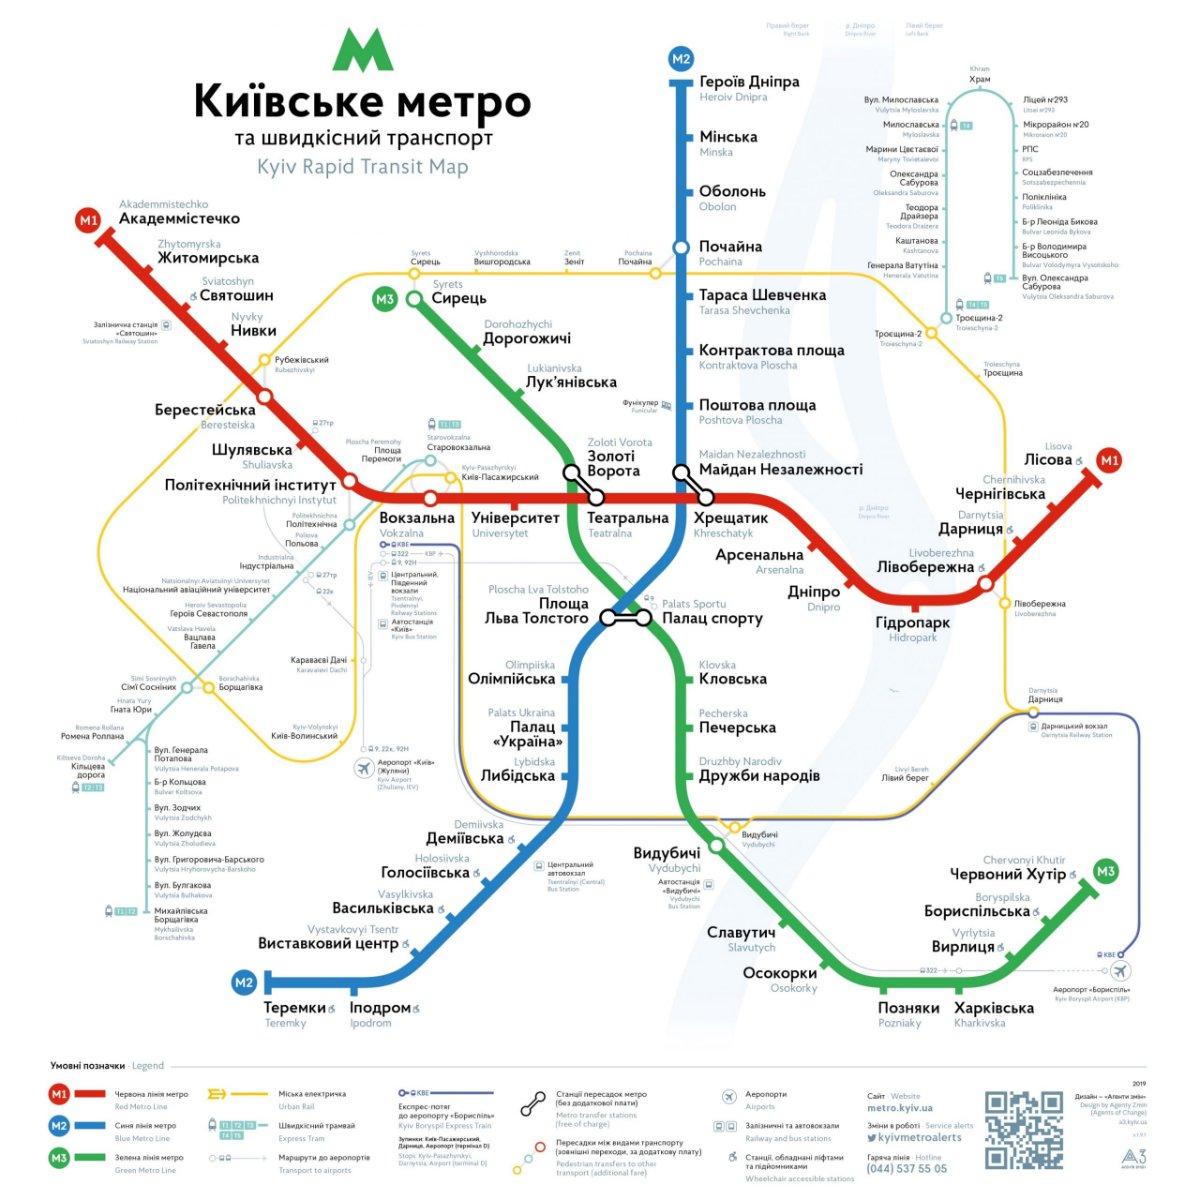 IDMedia Наружная реклама в городе Киев (Киевская область), Метро Digital в городе Киев №238974 схема